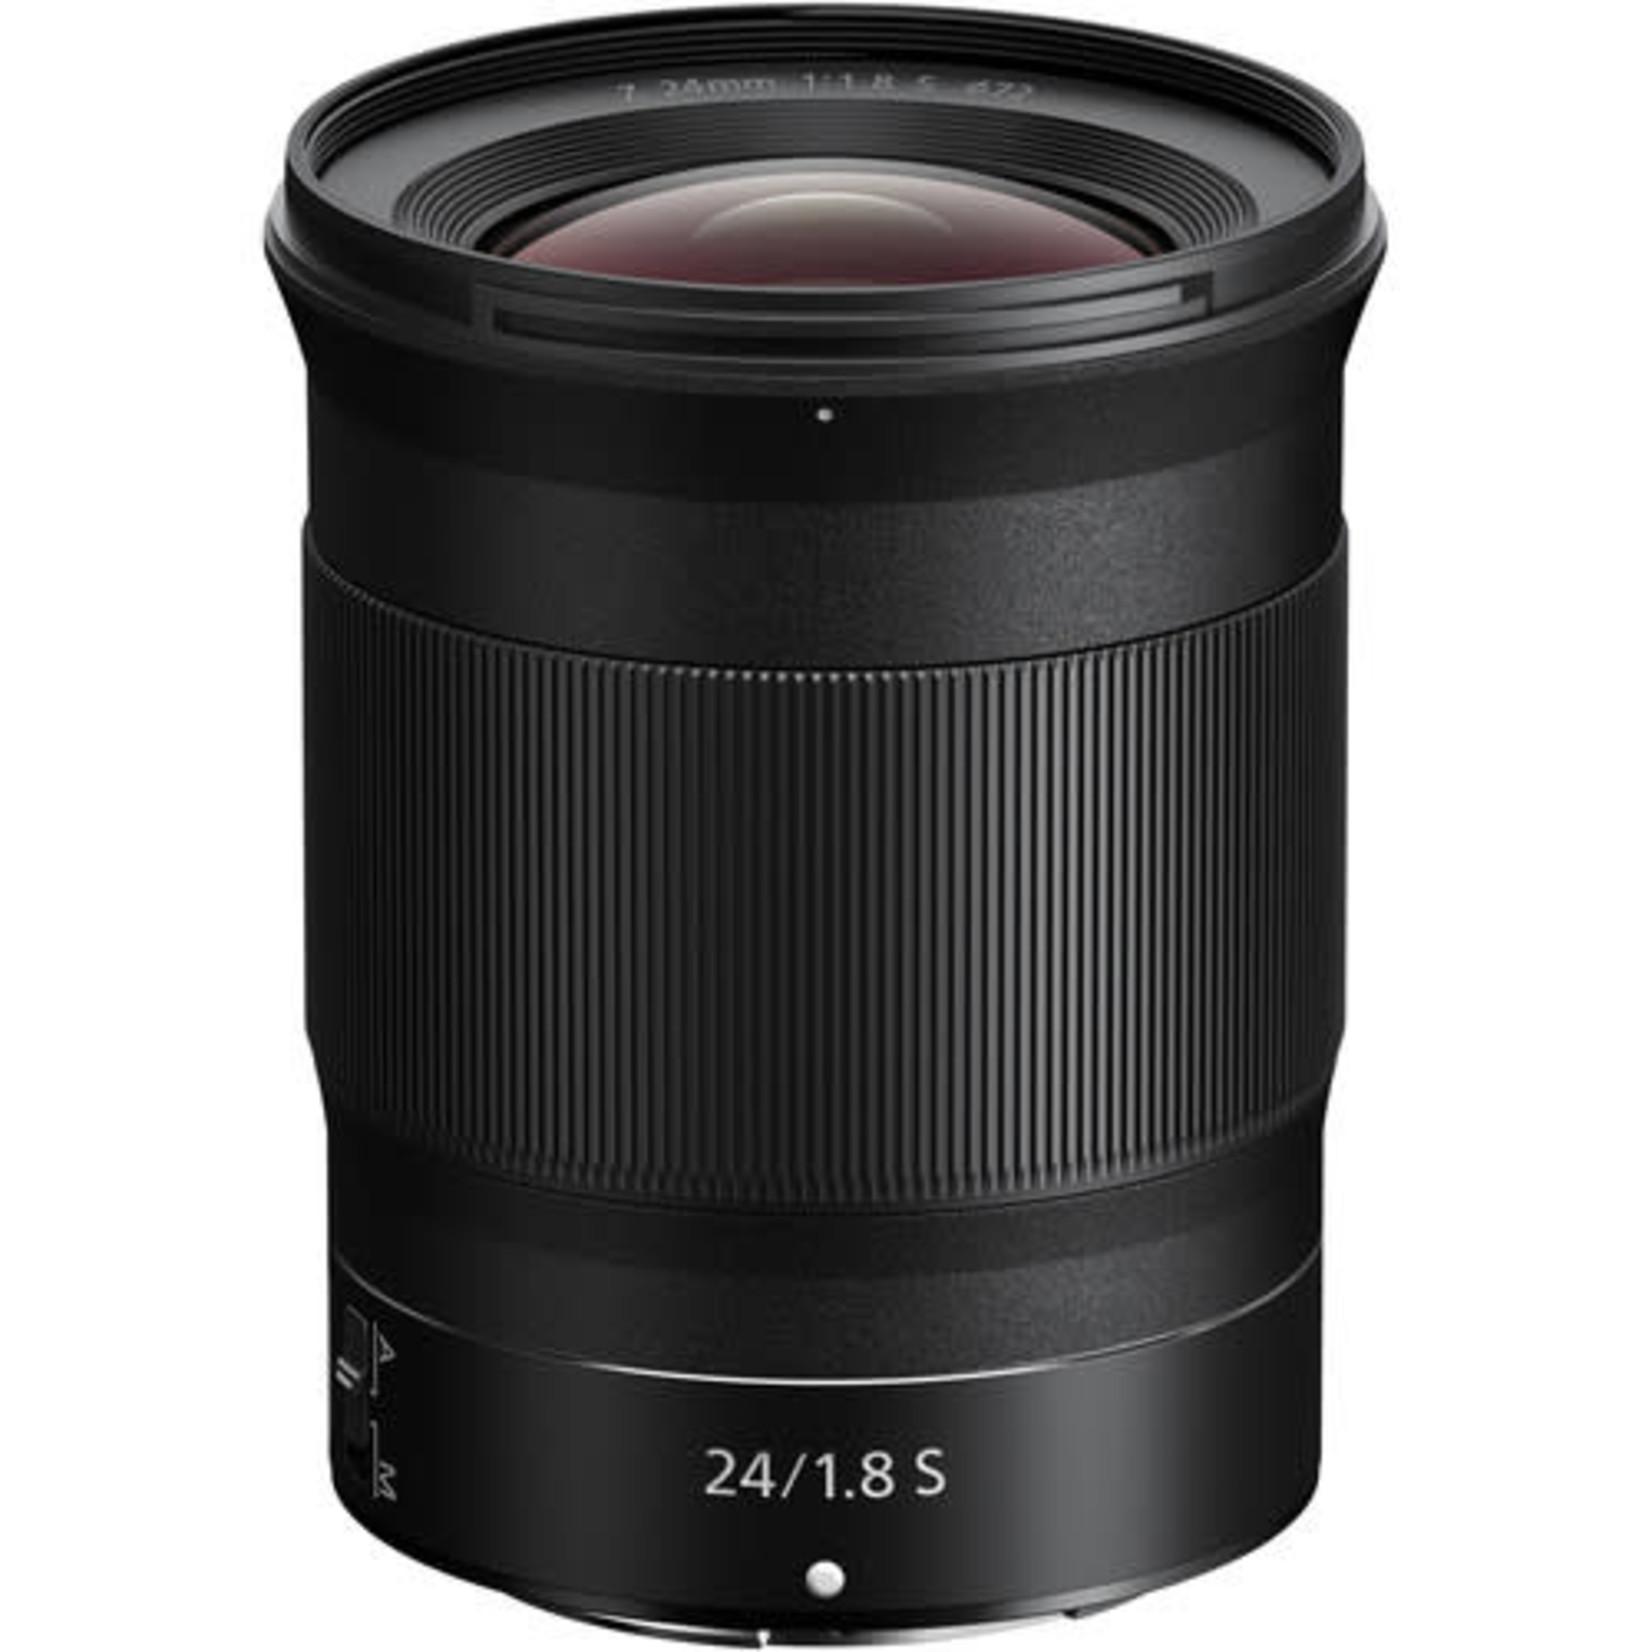 Nikon Nikon NIKKOR Z 24mm f/1.8 S Lens